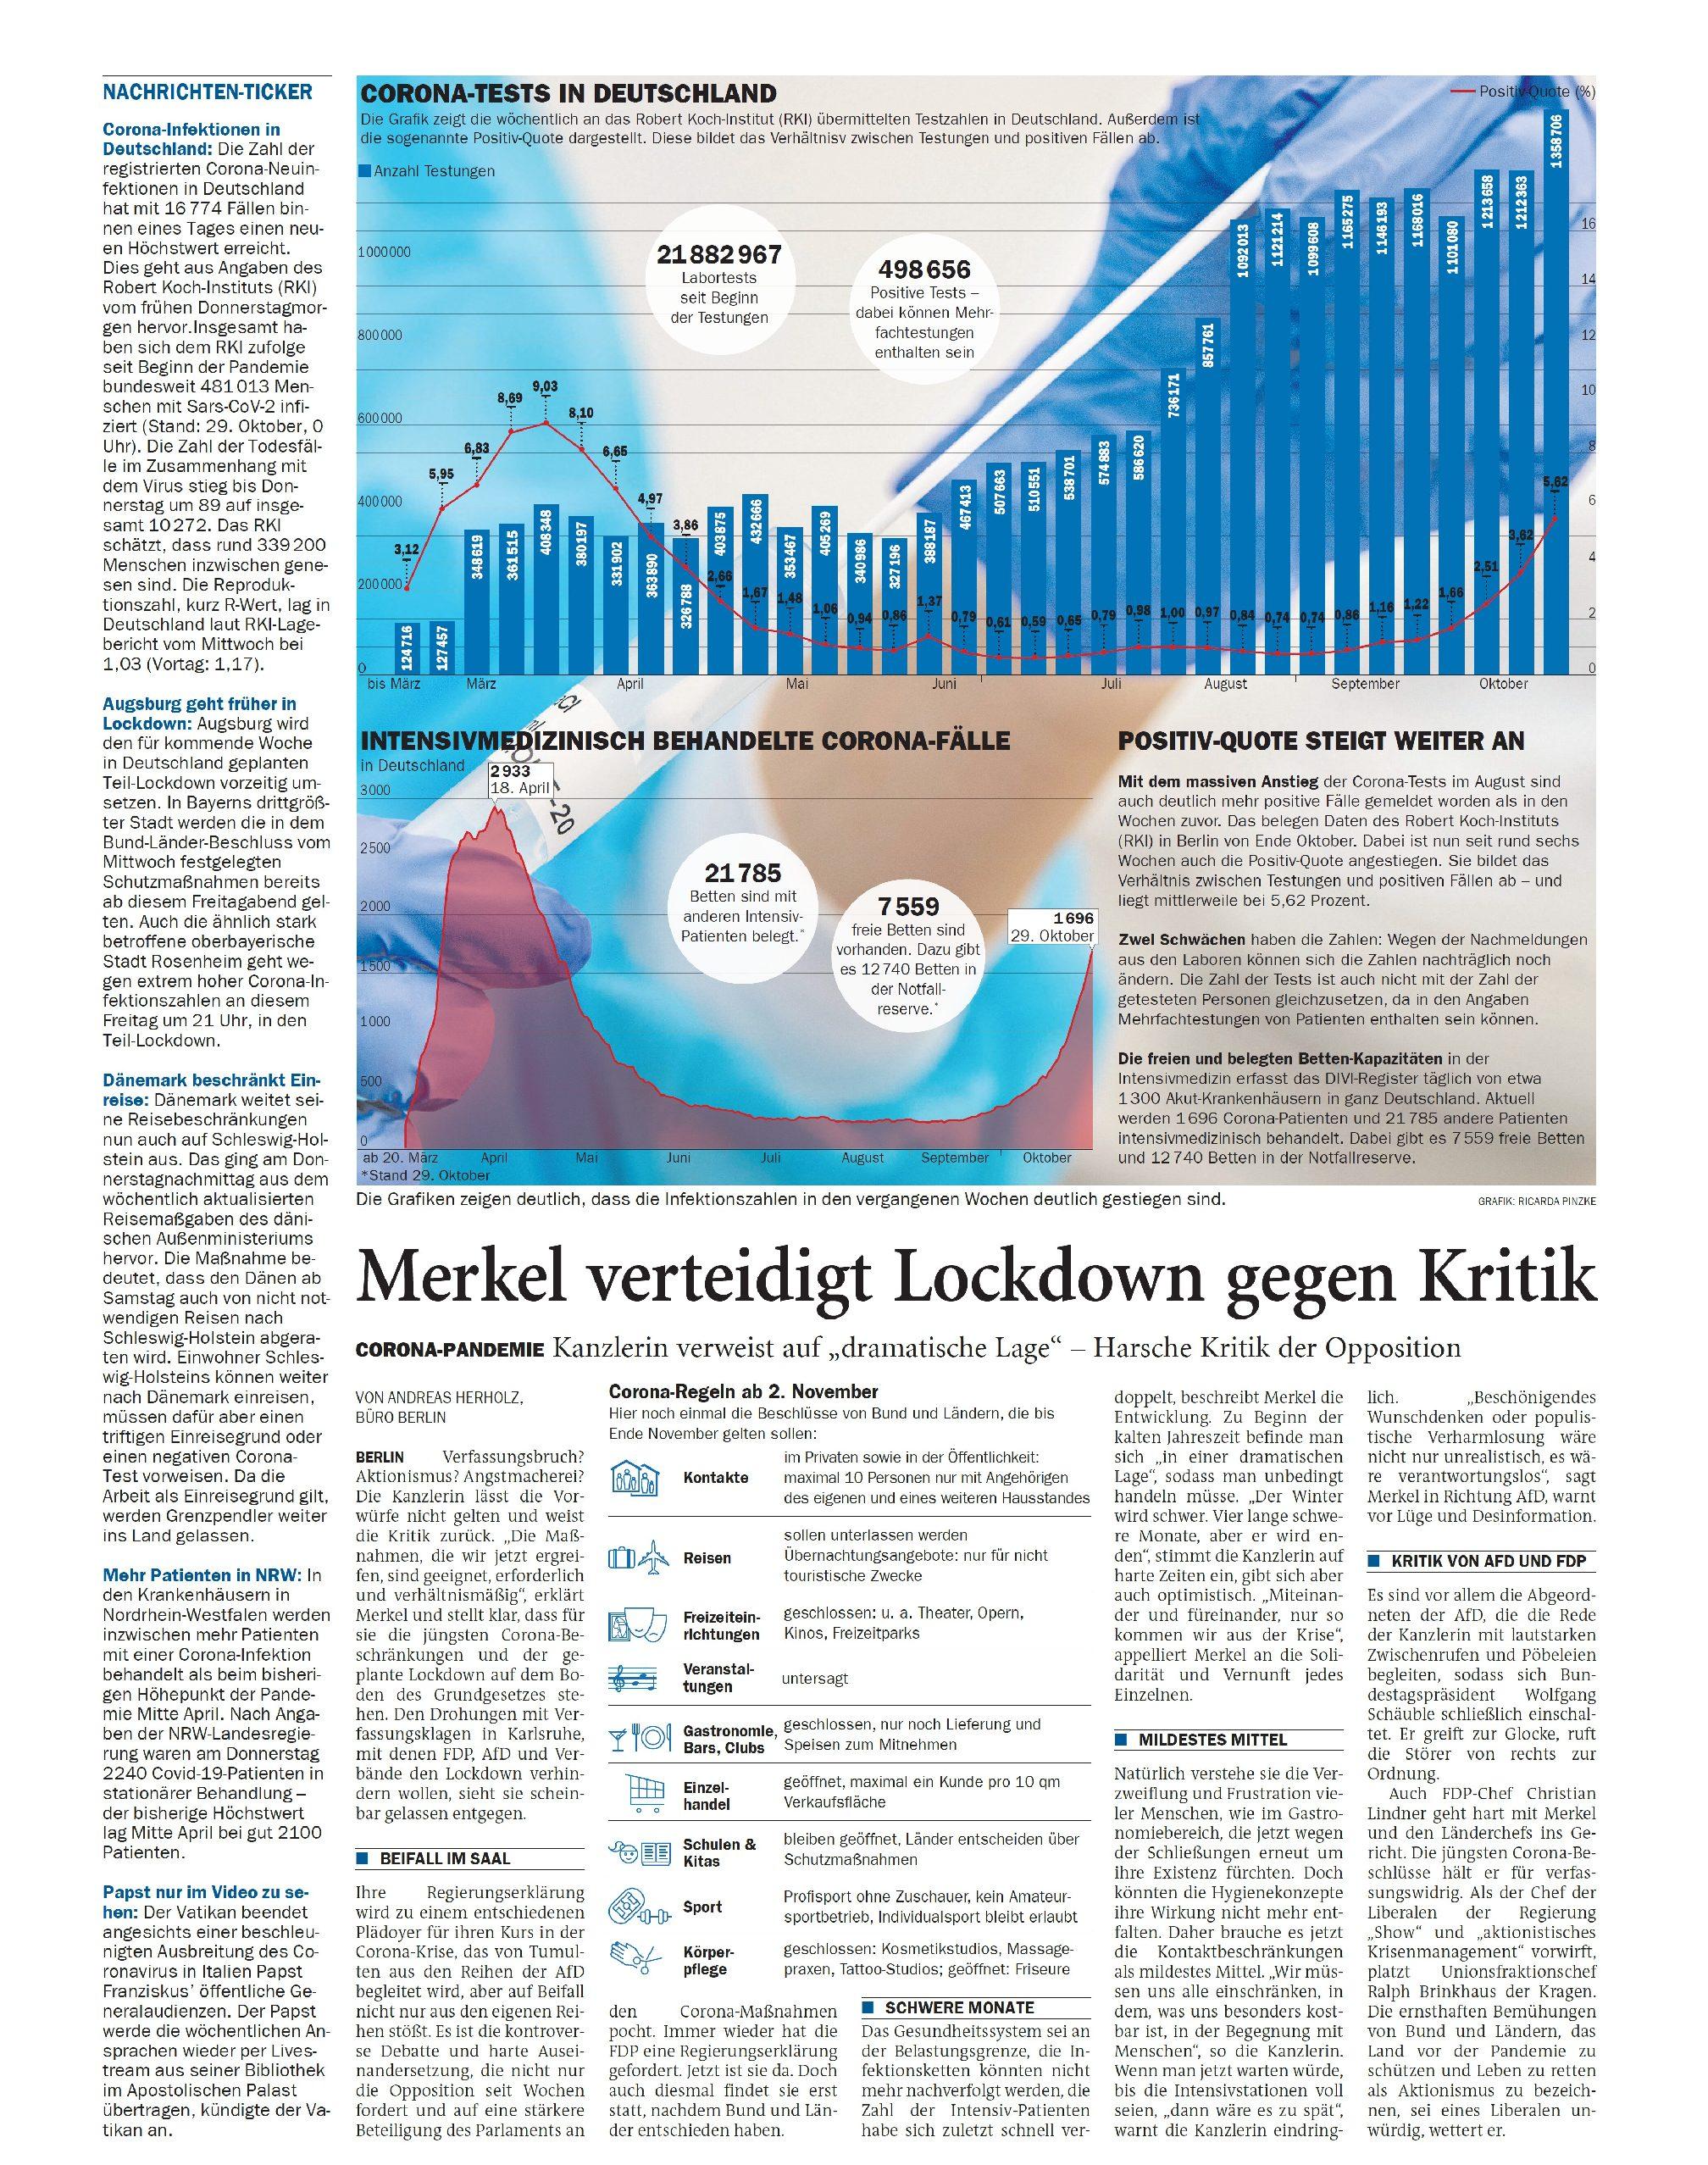 Jeversches Wochenblatt 30.10.2020 VI